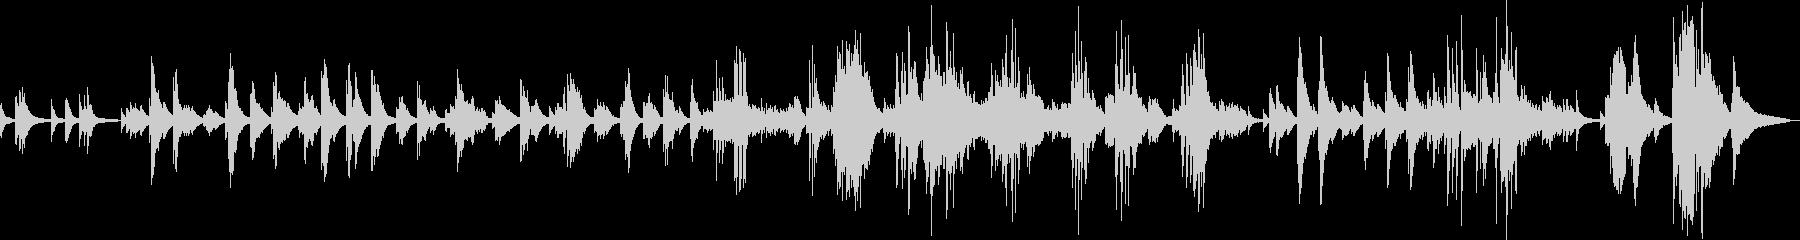 悲しみの果て(ピアノ・切ない・しっとり)の未再生の波形